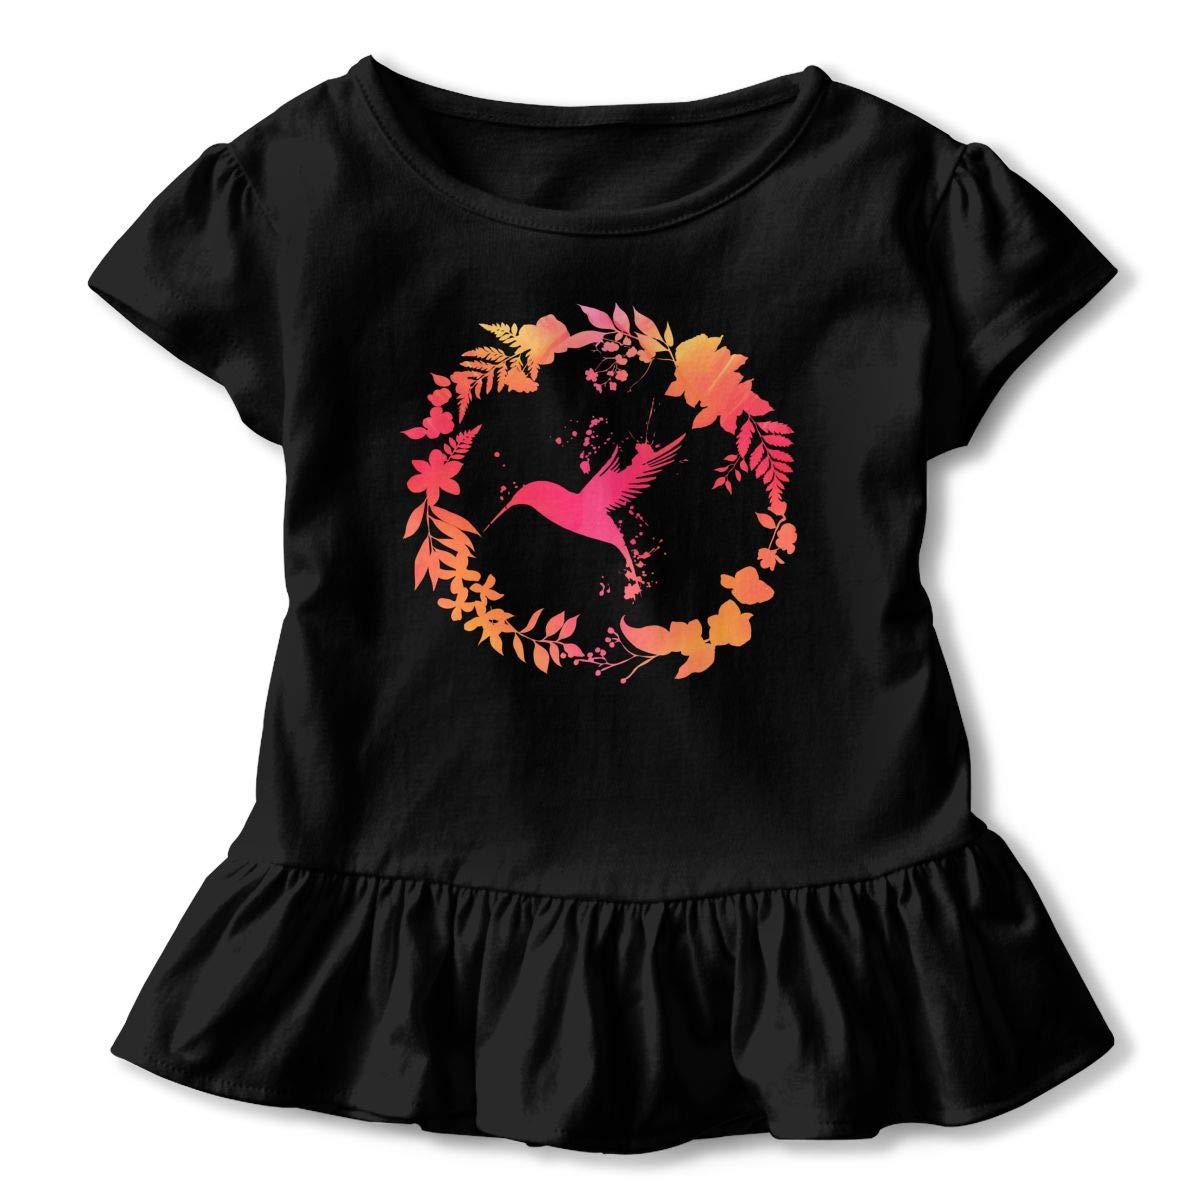 Hummingbird Floral Wreath Toddler Baby Girls Short Sleeve Ruffle T-Shirt